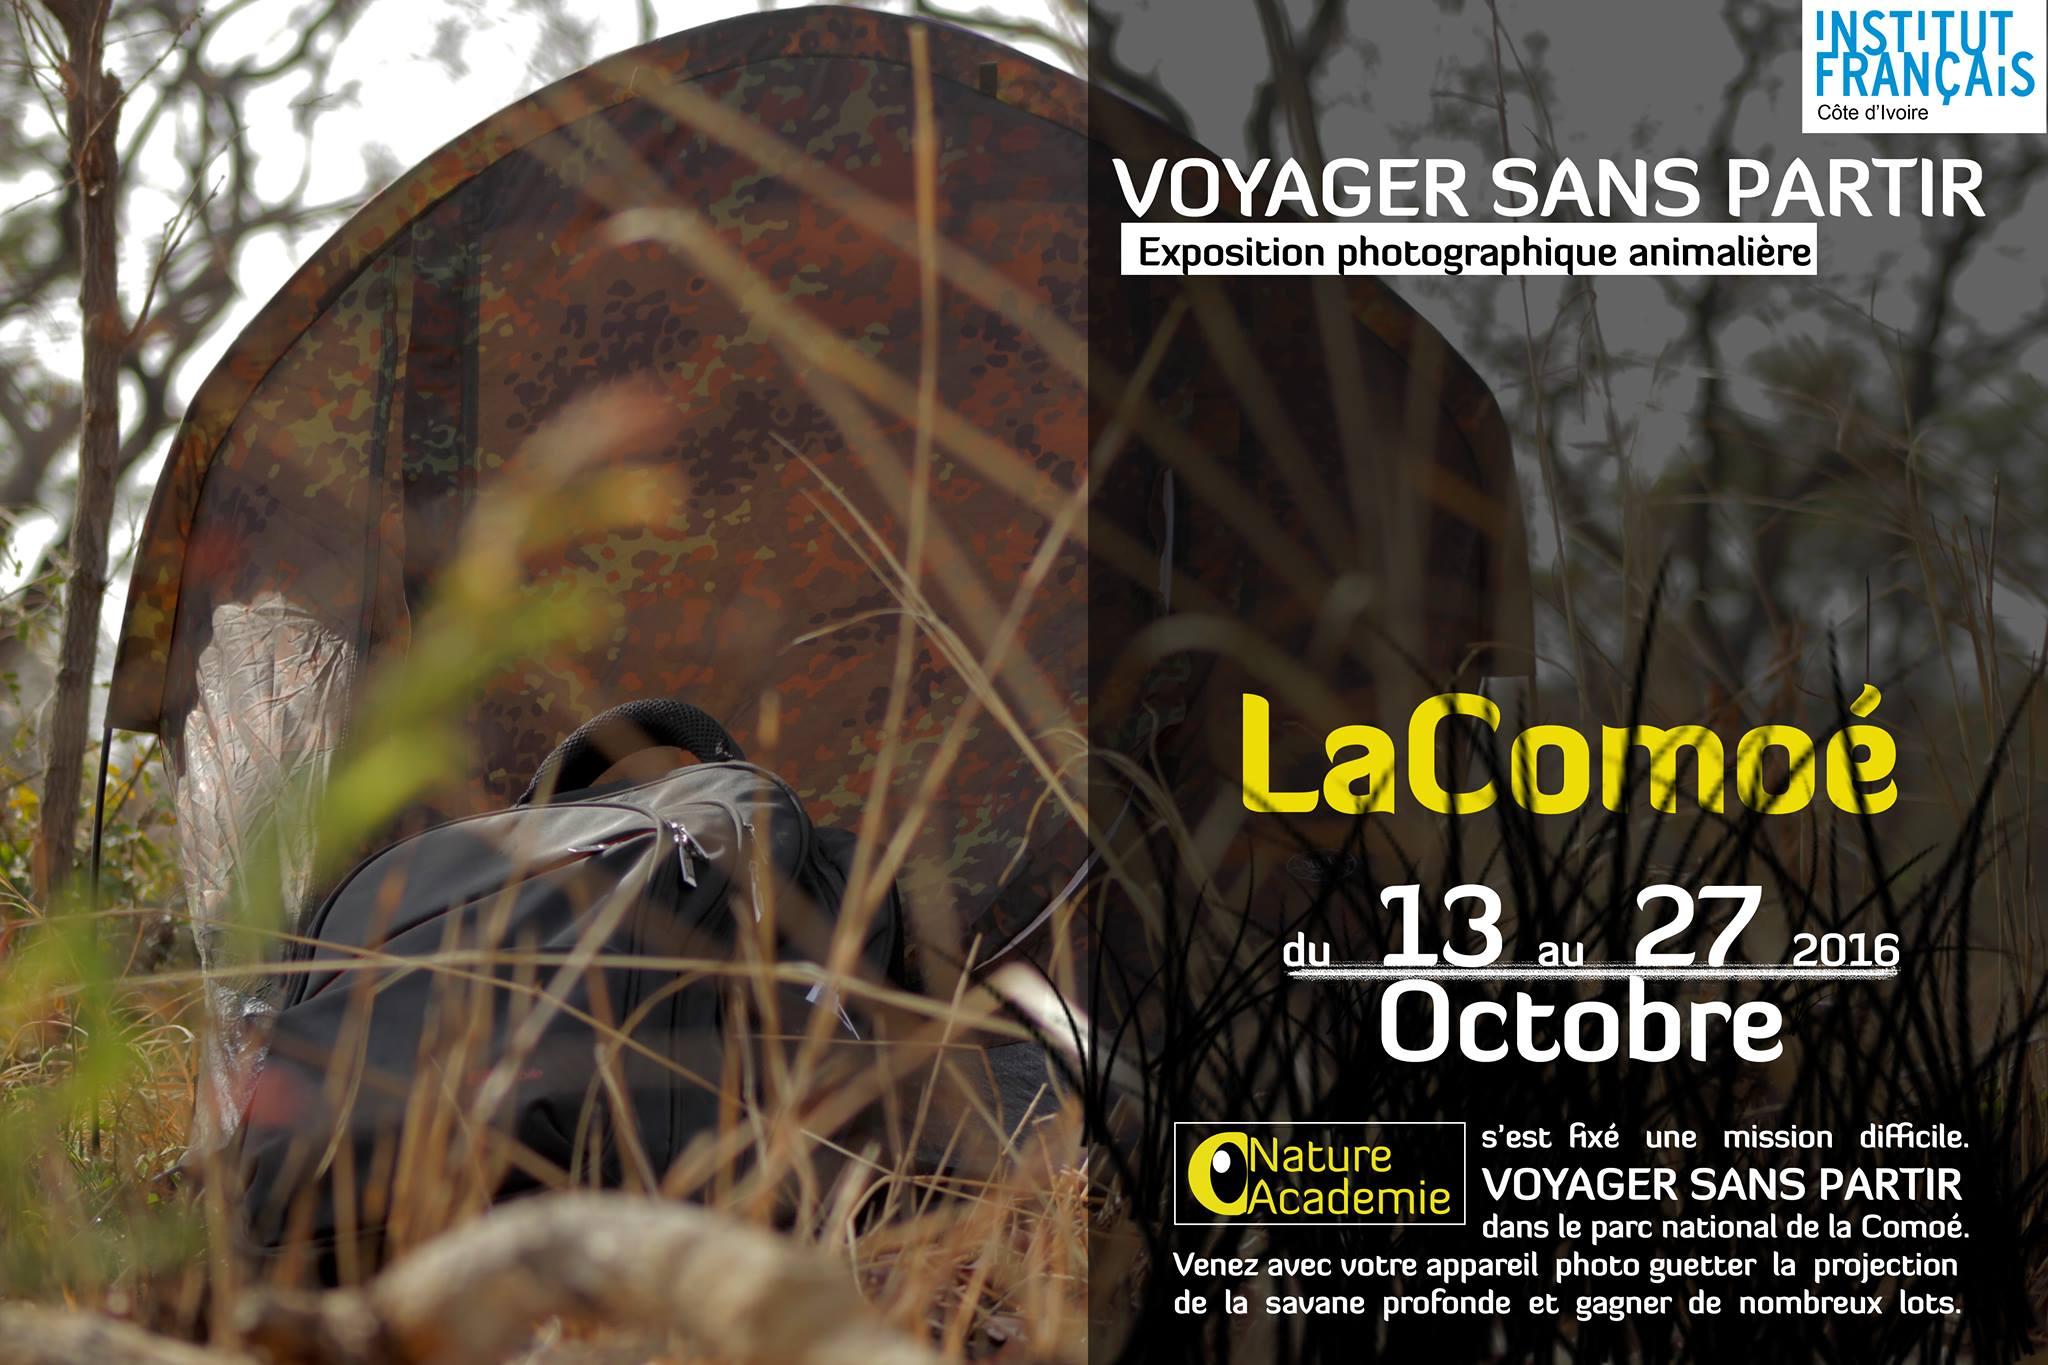 «Voyager sans partir» Exposition photographique animalière sur La Comoé